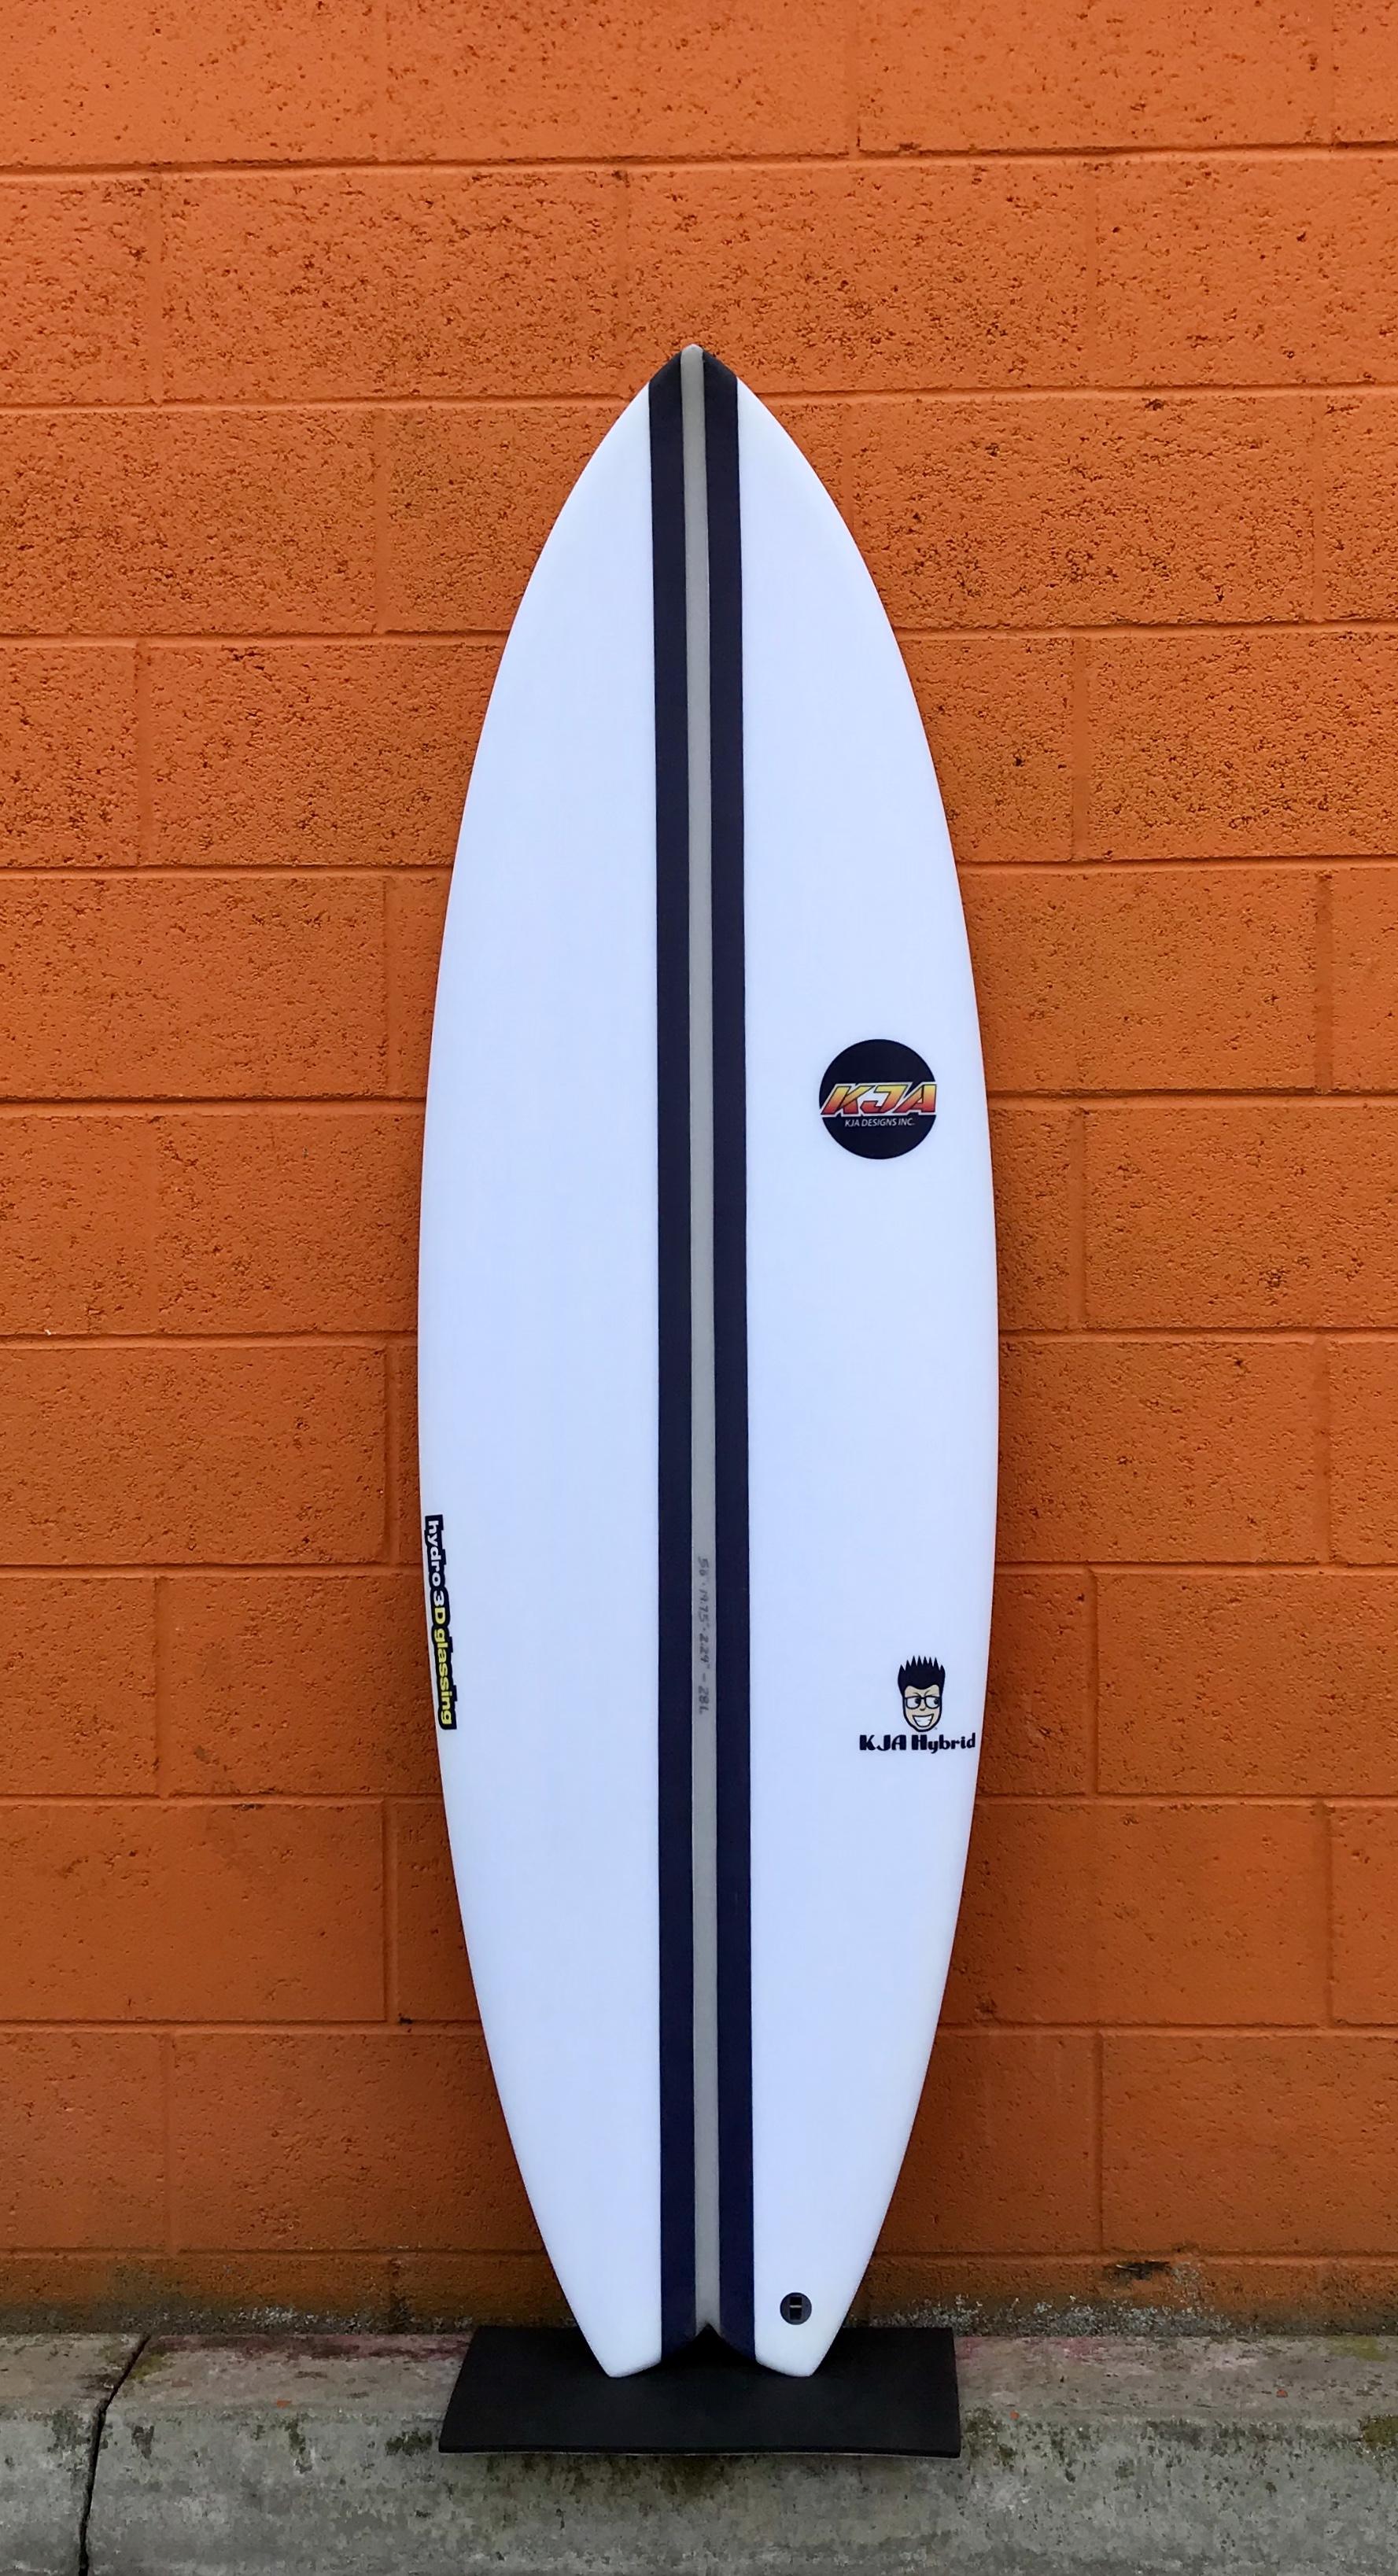 KJA Hybrid deck